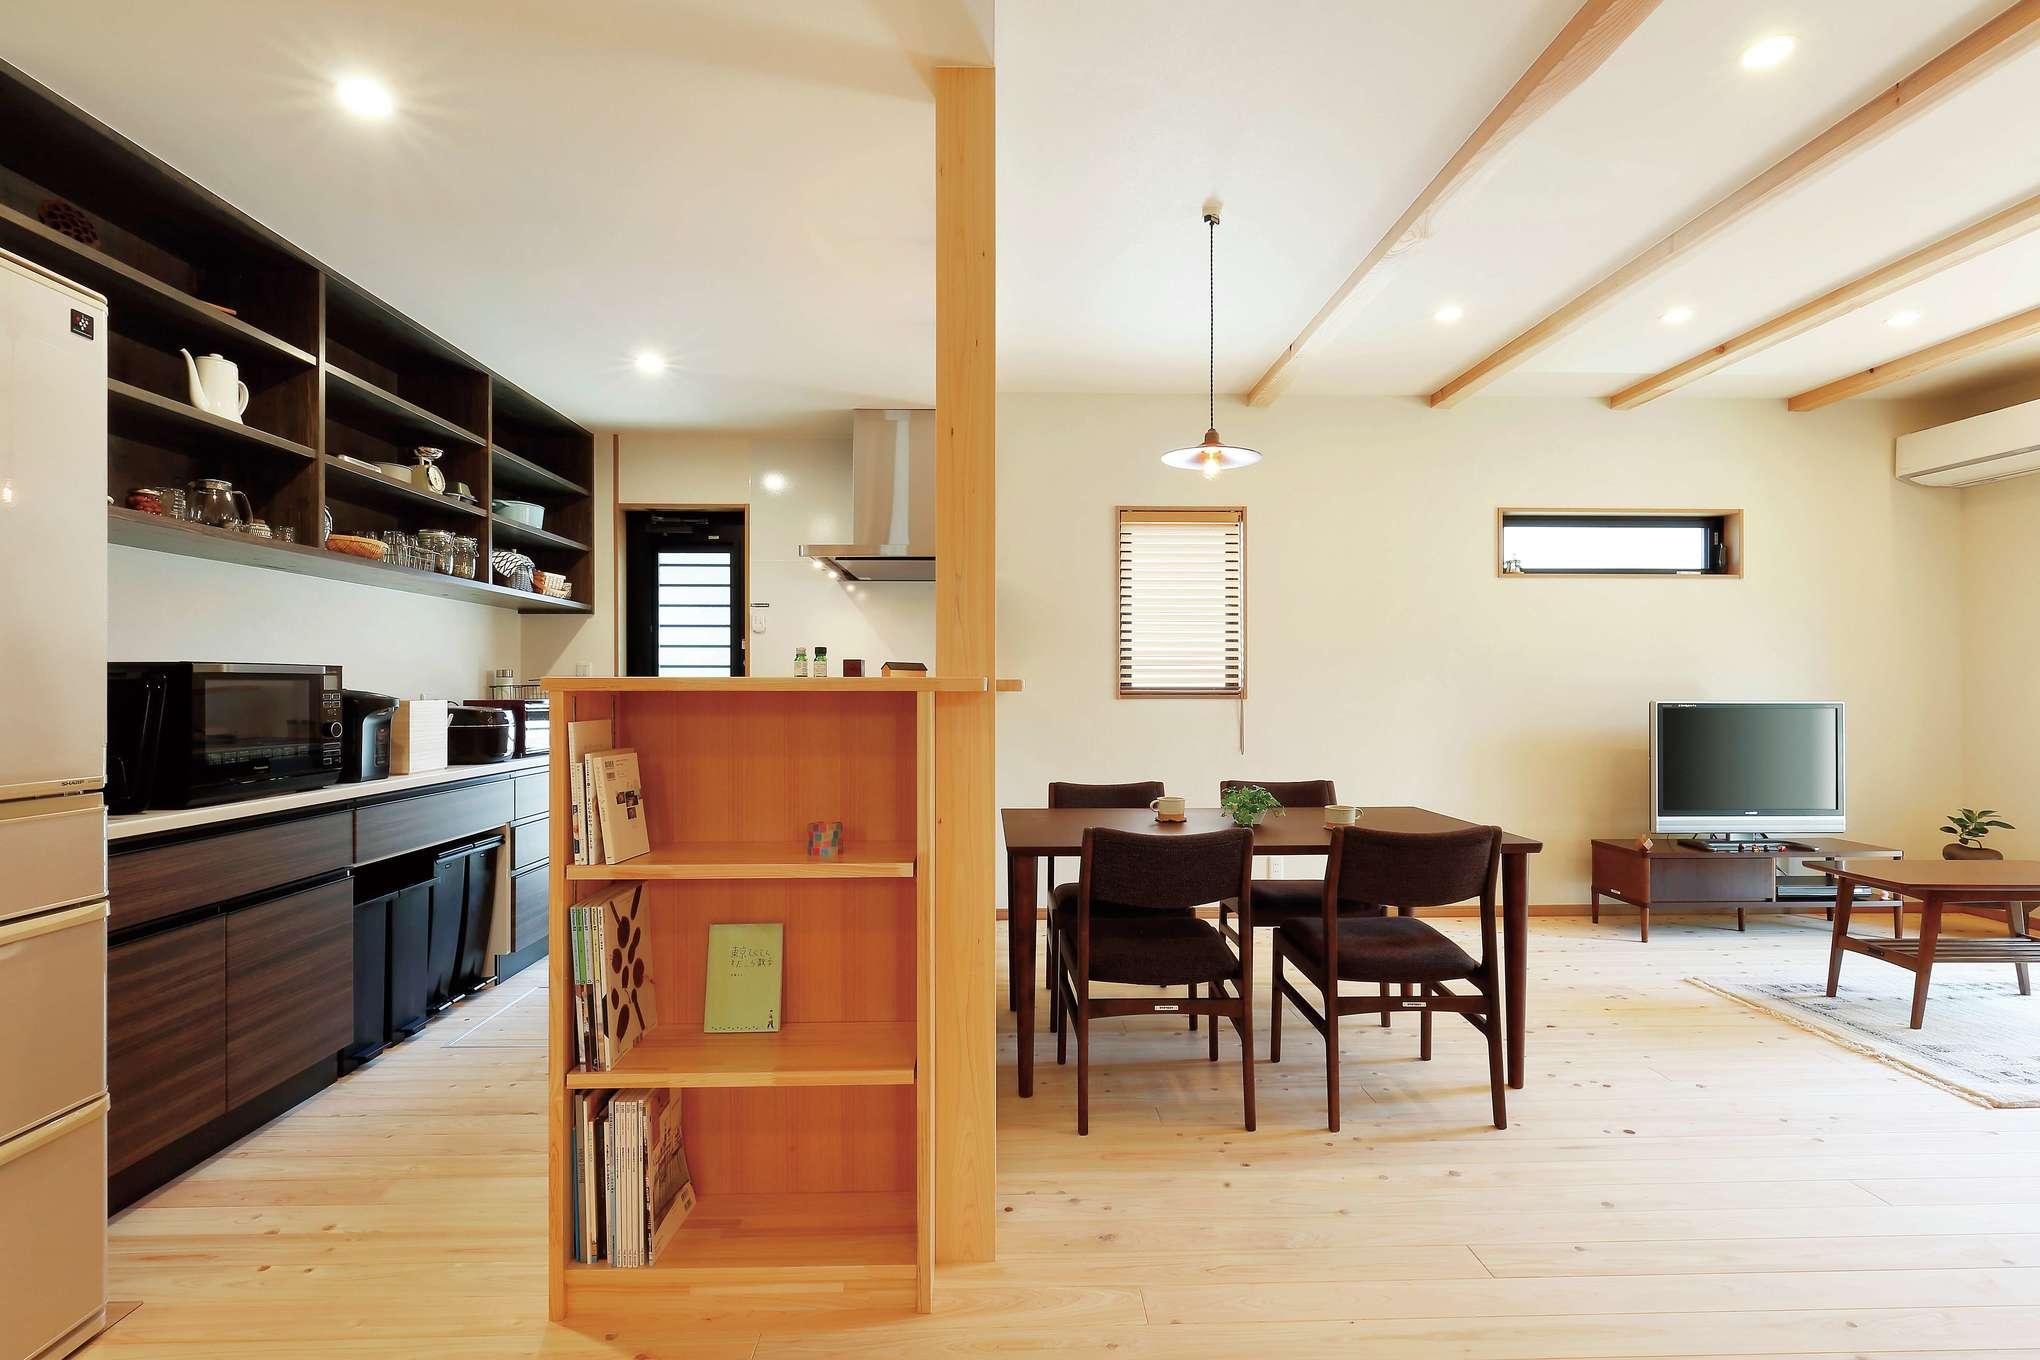 フジモクの家(富士木材)【デザイン住宅、収納力、自然素材】時間がゆっくりと流れるオール自然素材のLDK。ヒノキの床の経年変化も楽しみ。キッチンのデッドスペースを活かして本棚を造作し、食器棚の木の色を濃くしてアクセントをつけた